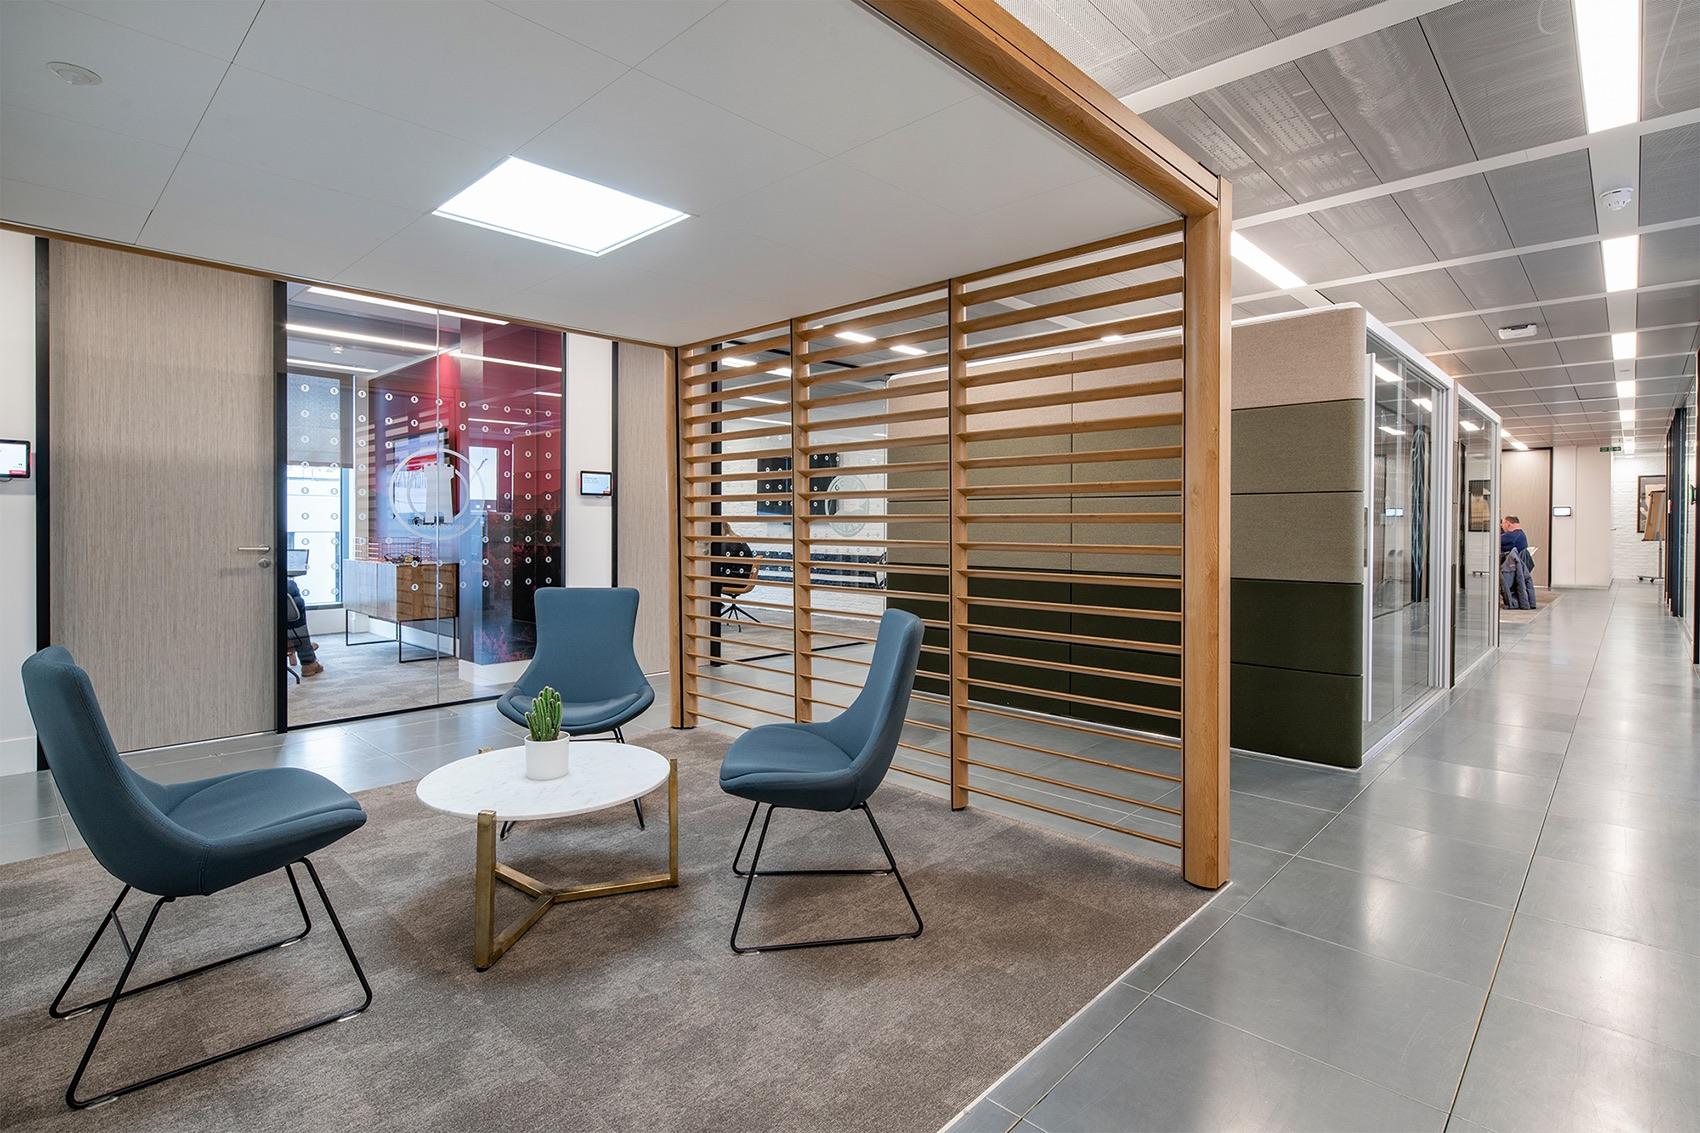 budweiser-group-office-4